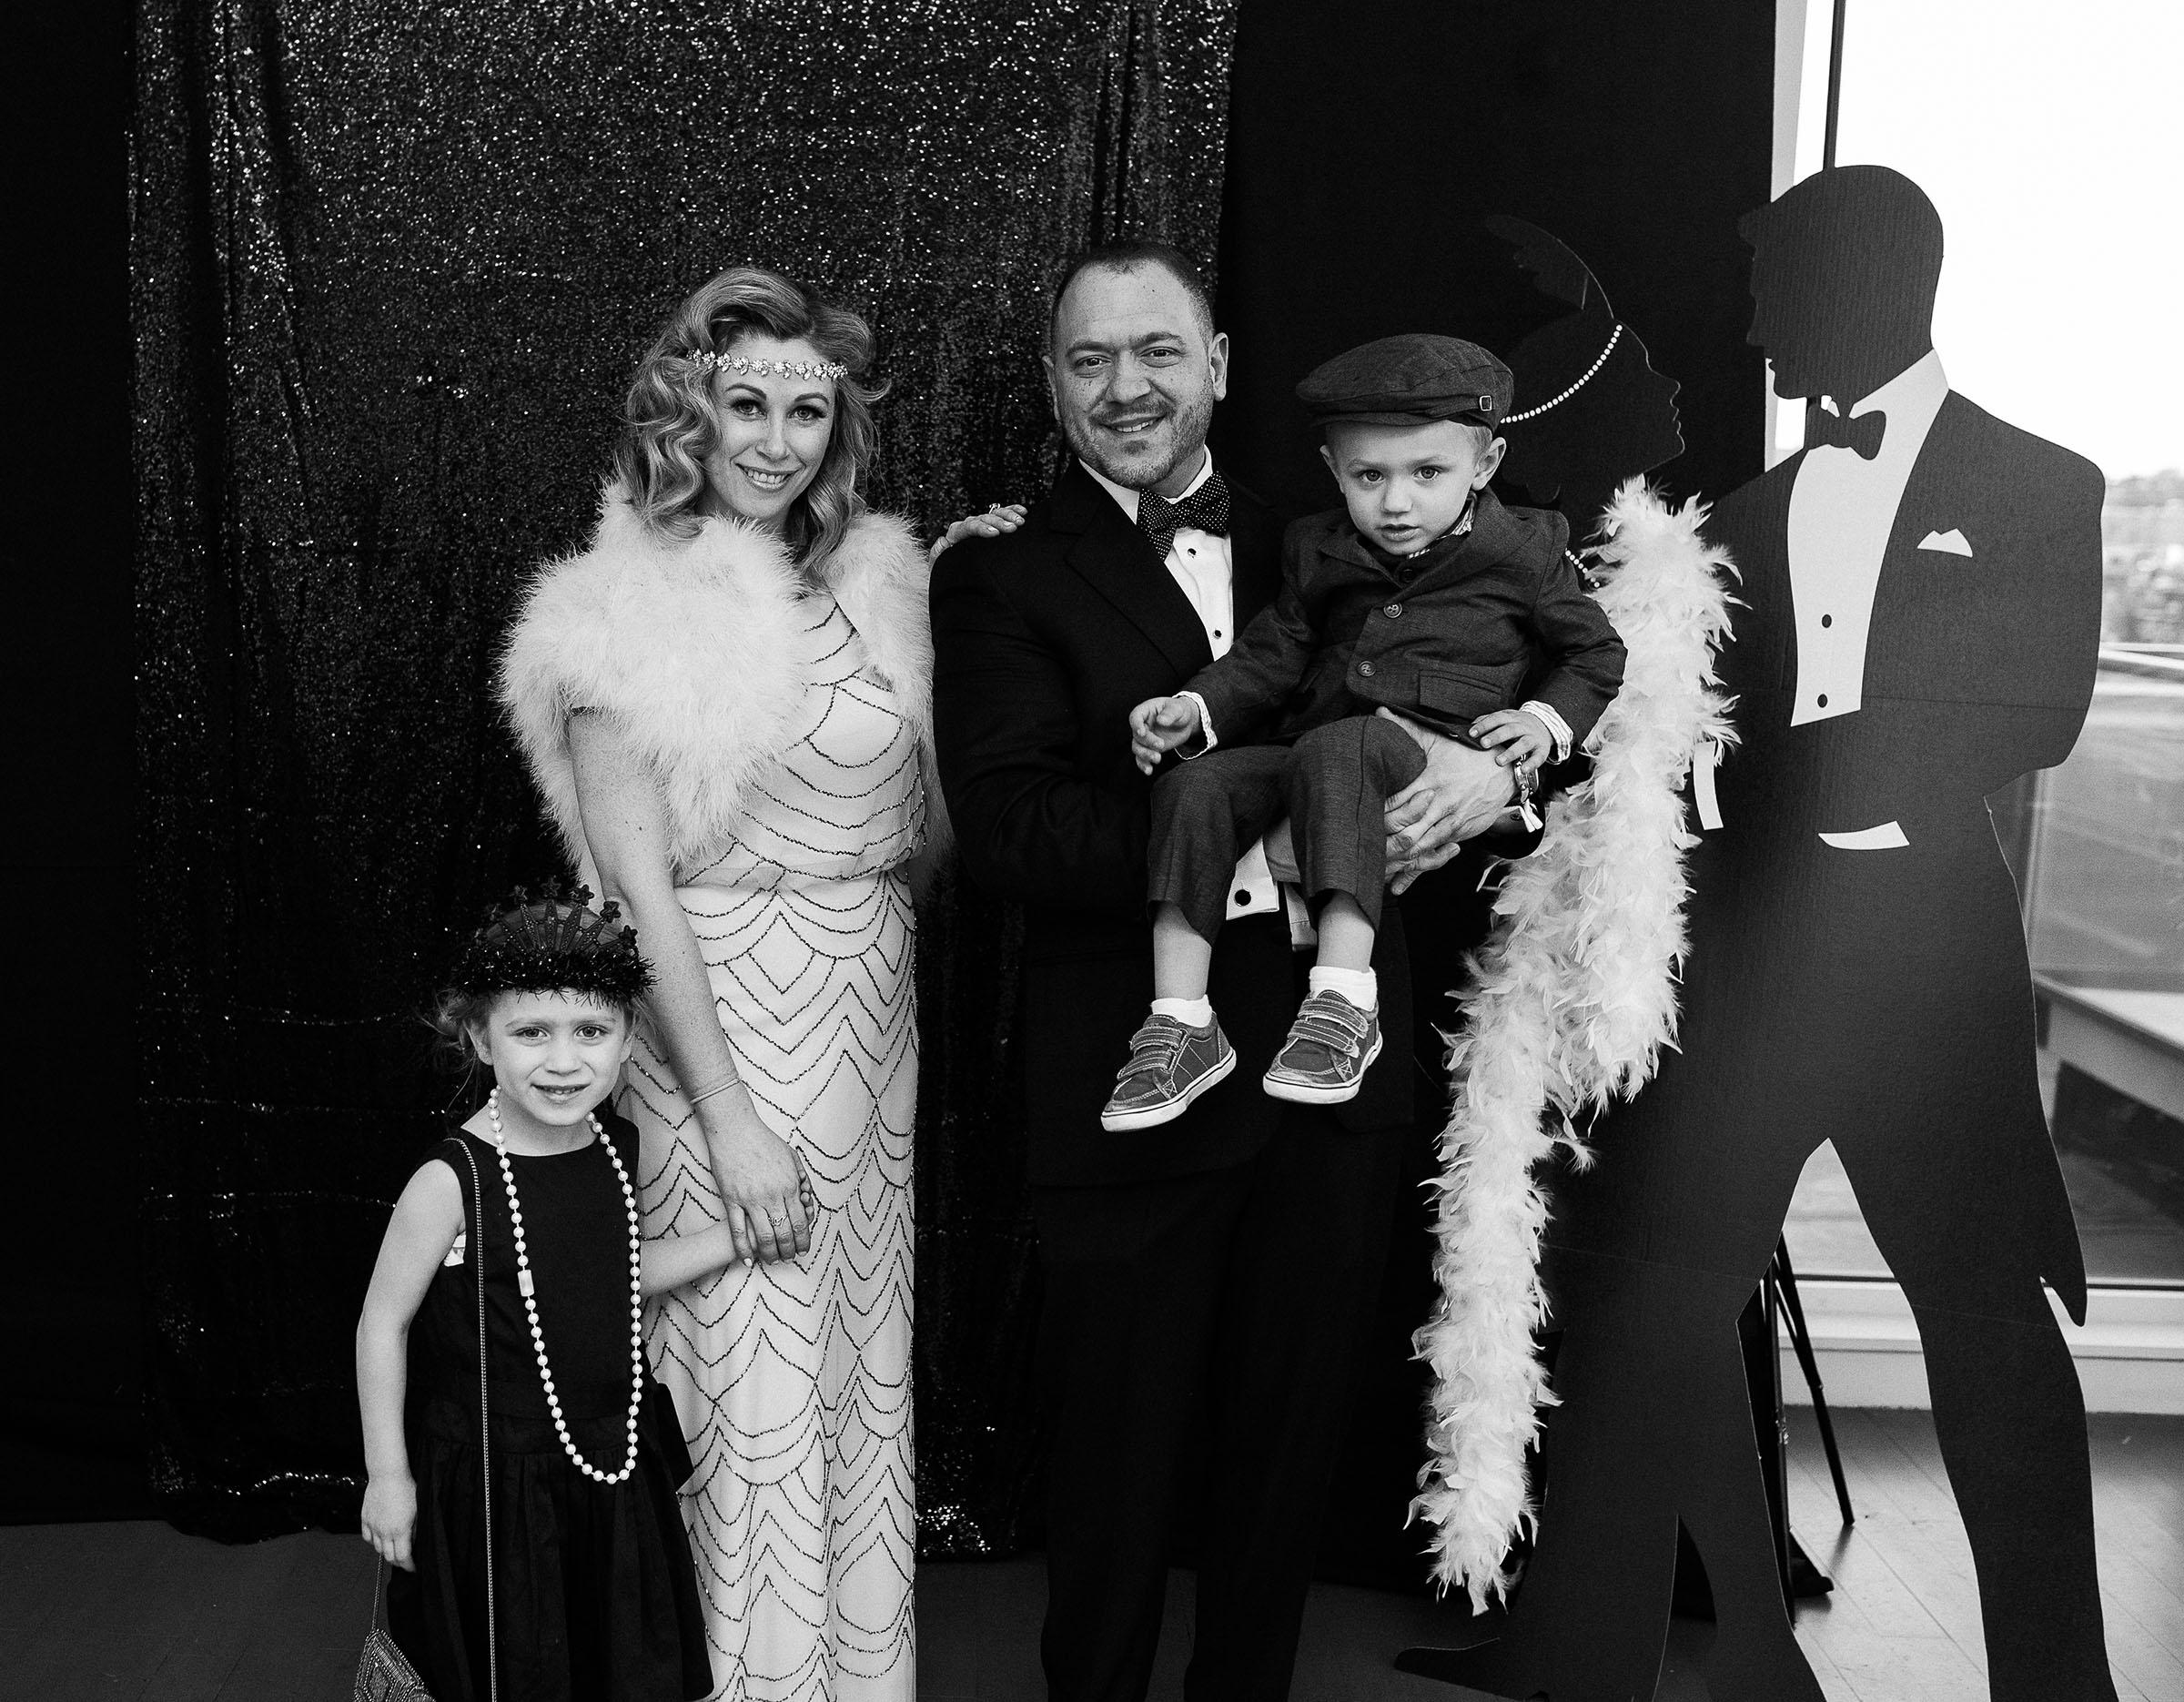 Our Gatsby Attire